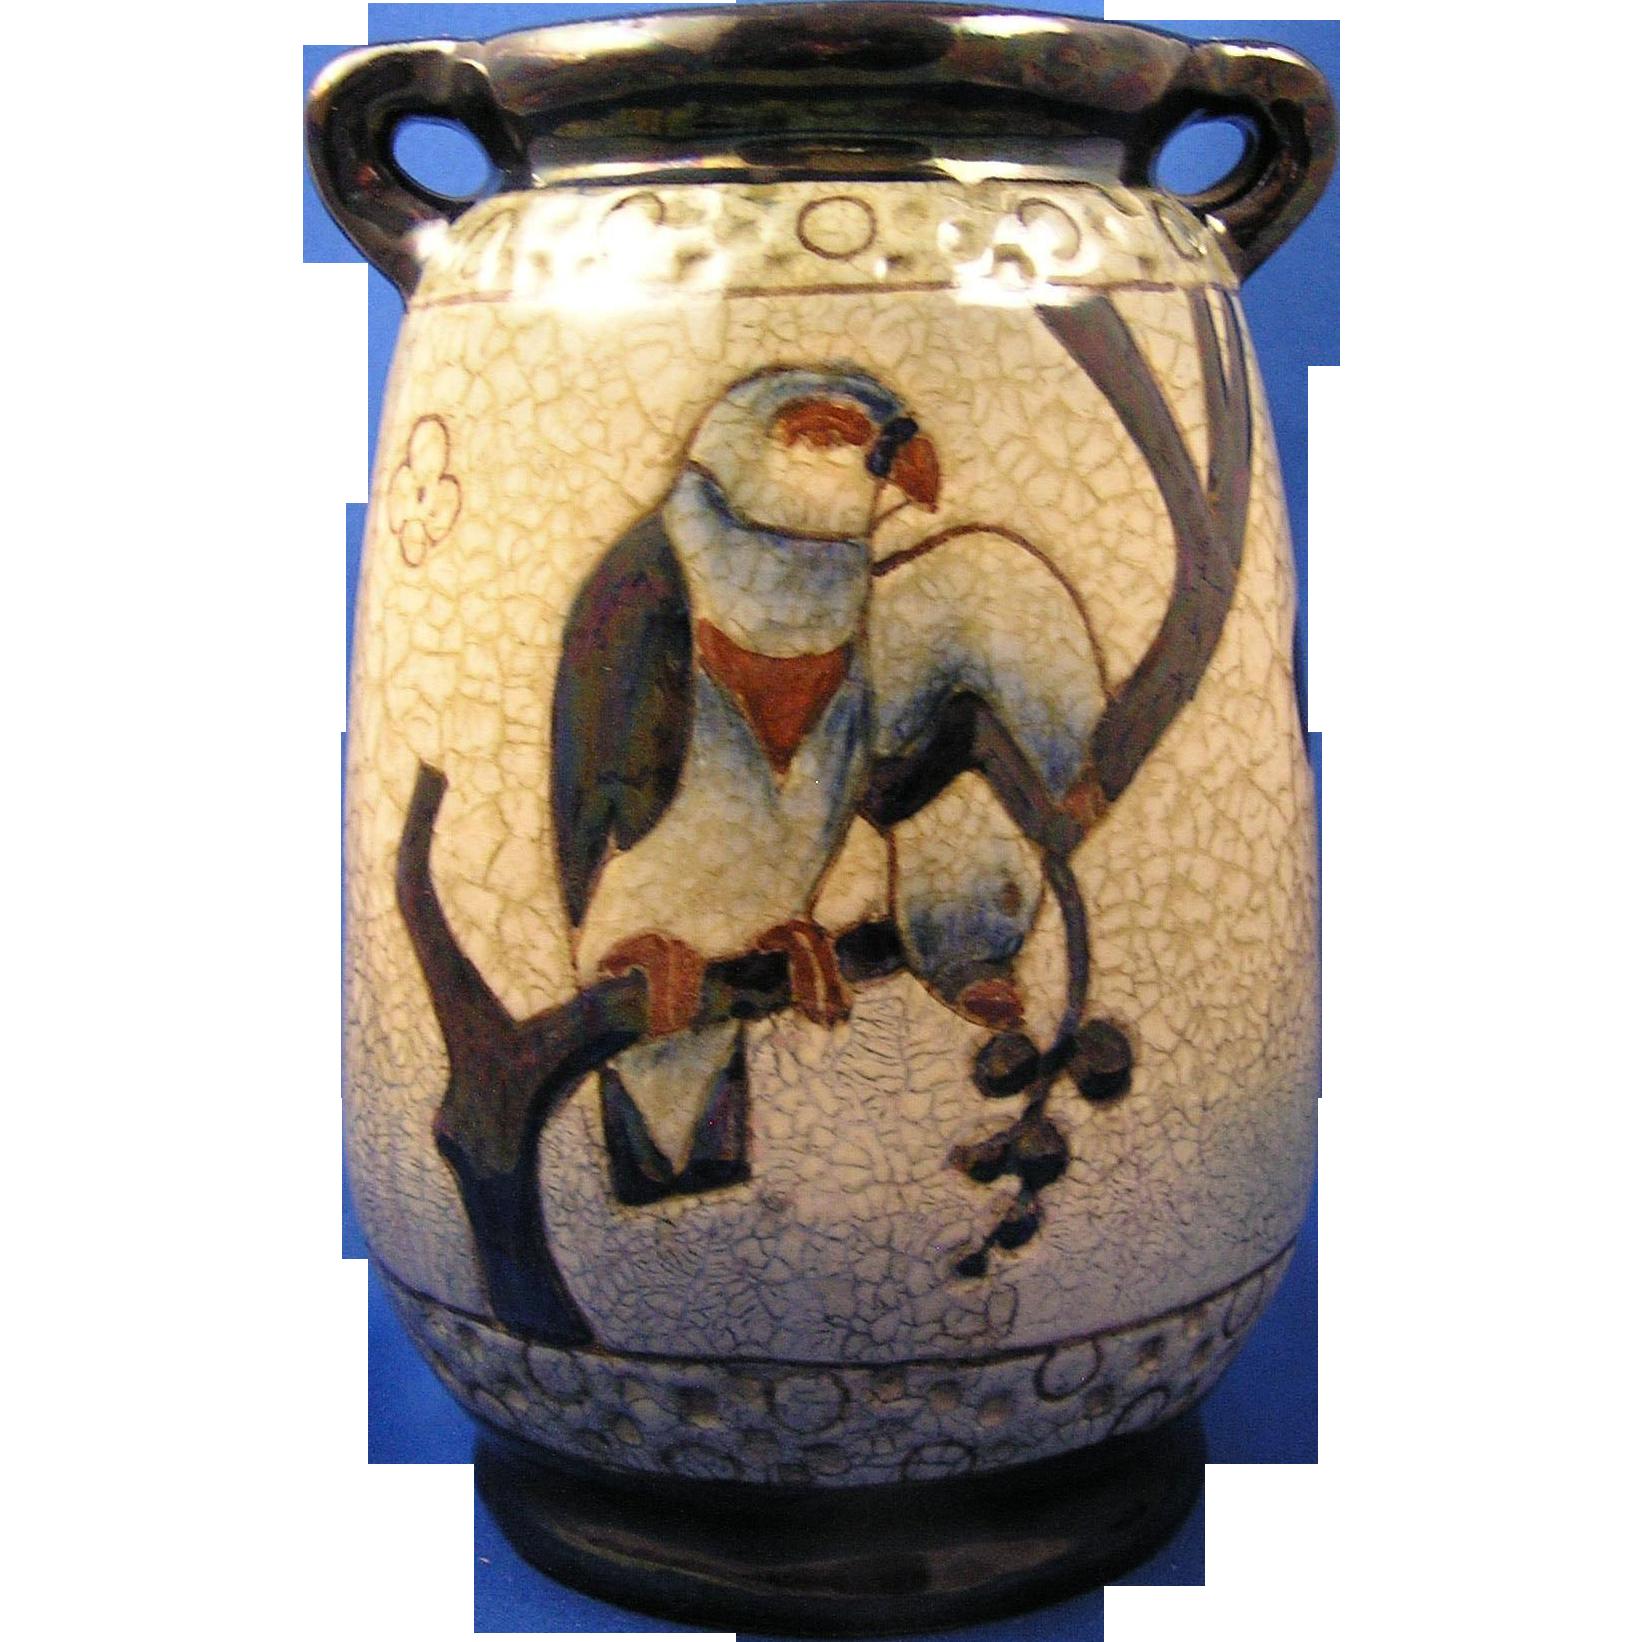 Amphora Austria Arts & Crafts Parrots Motif Vase (c.1905-1910)